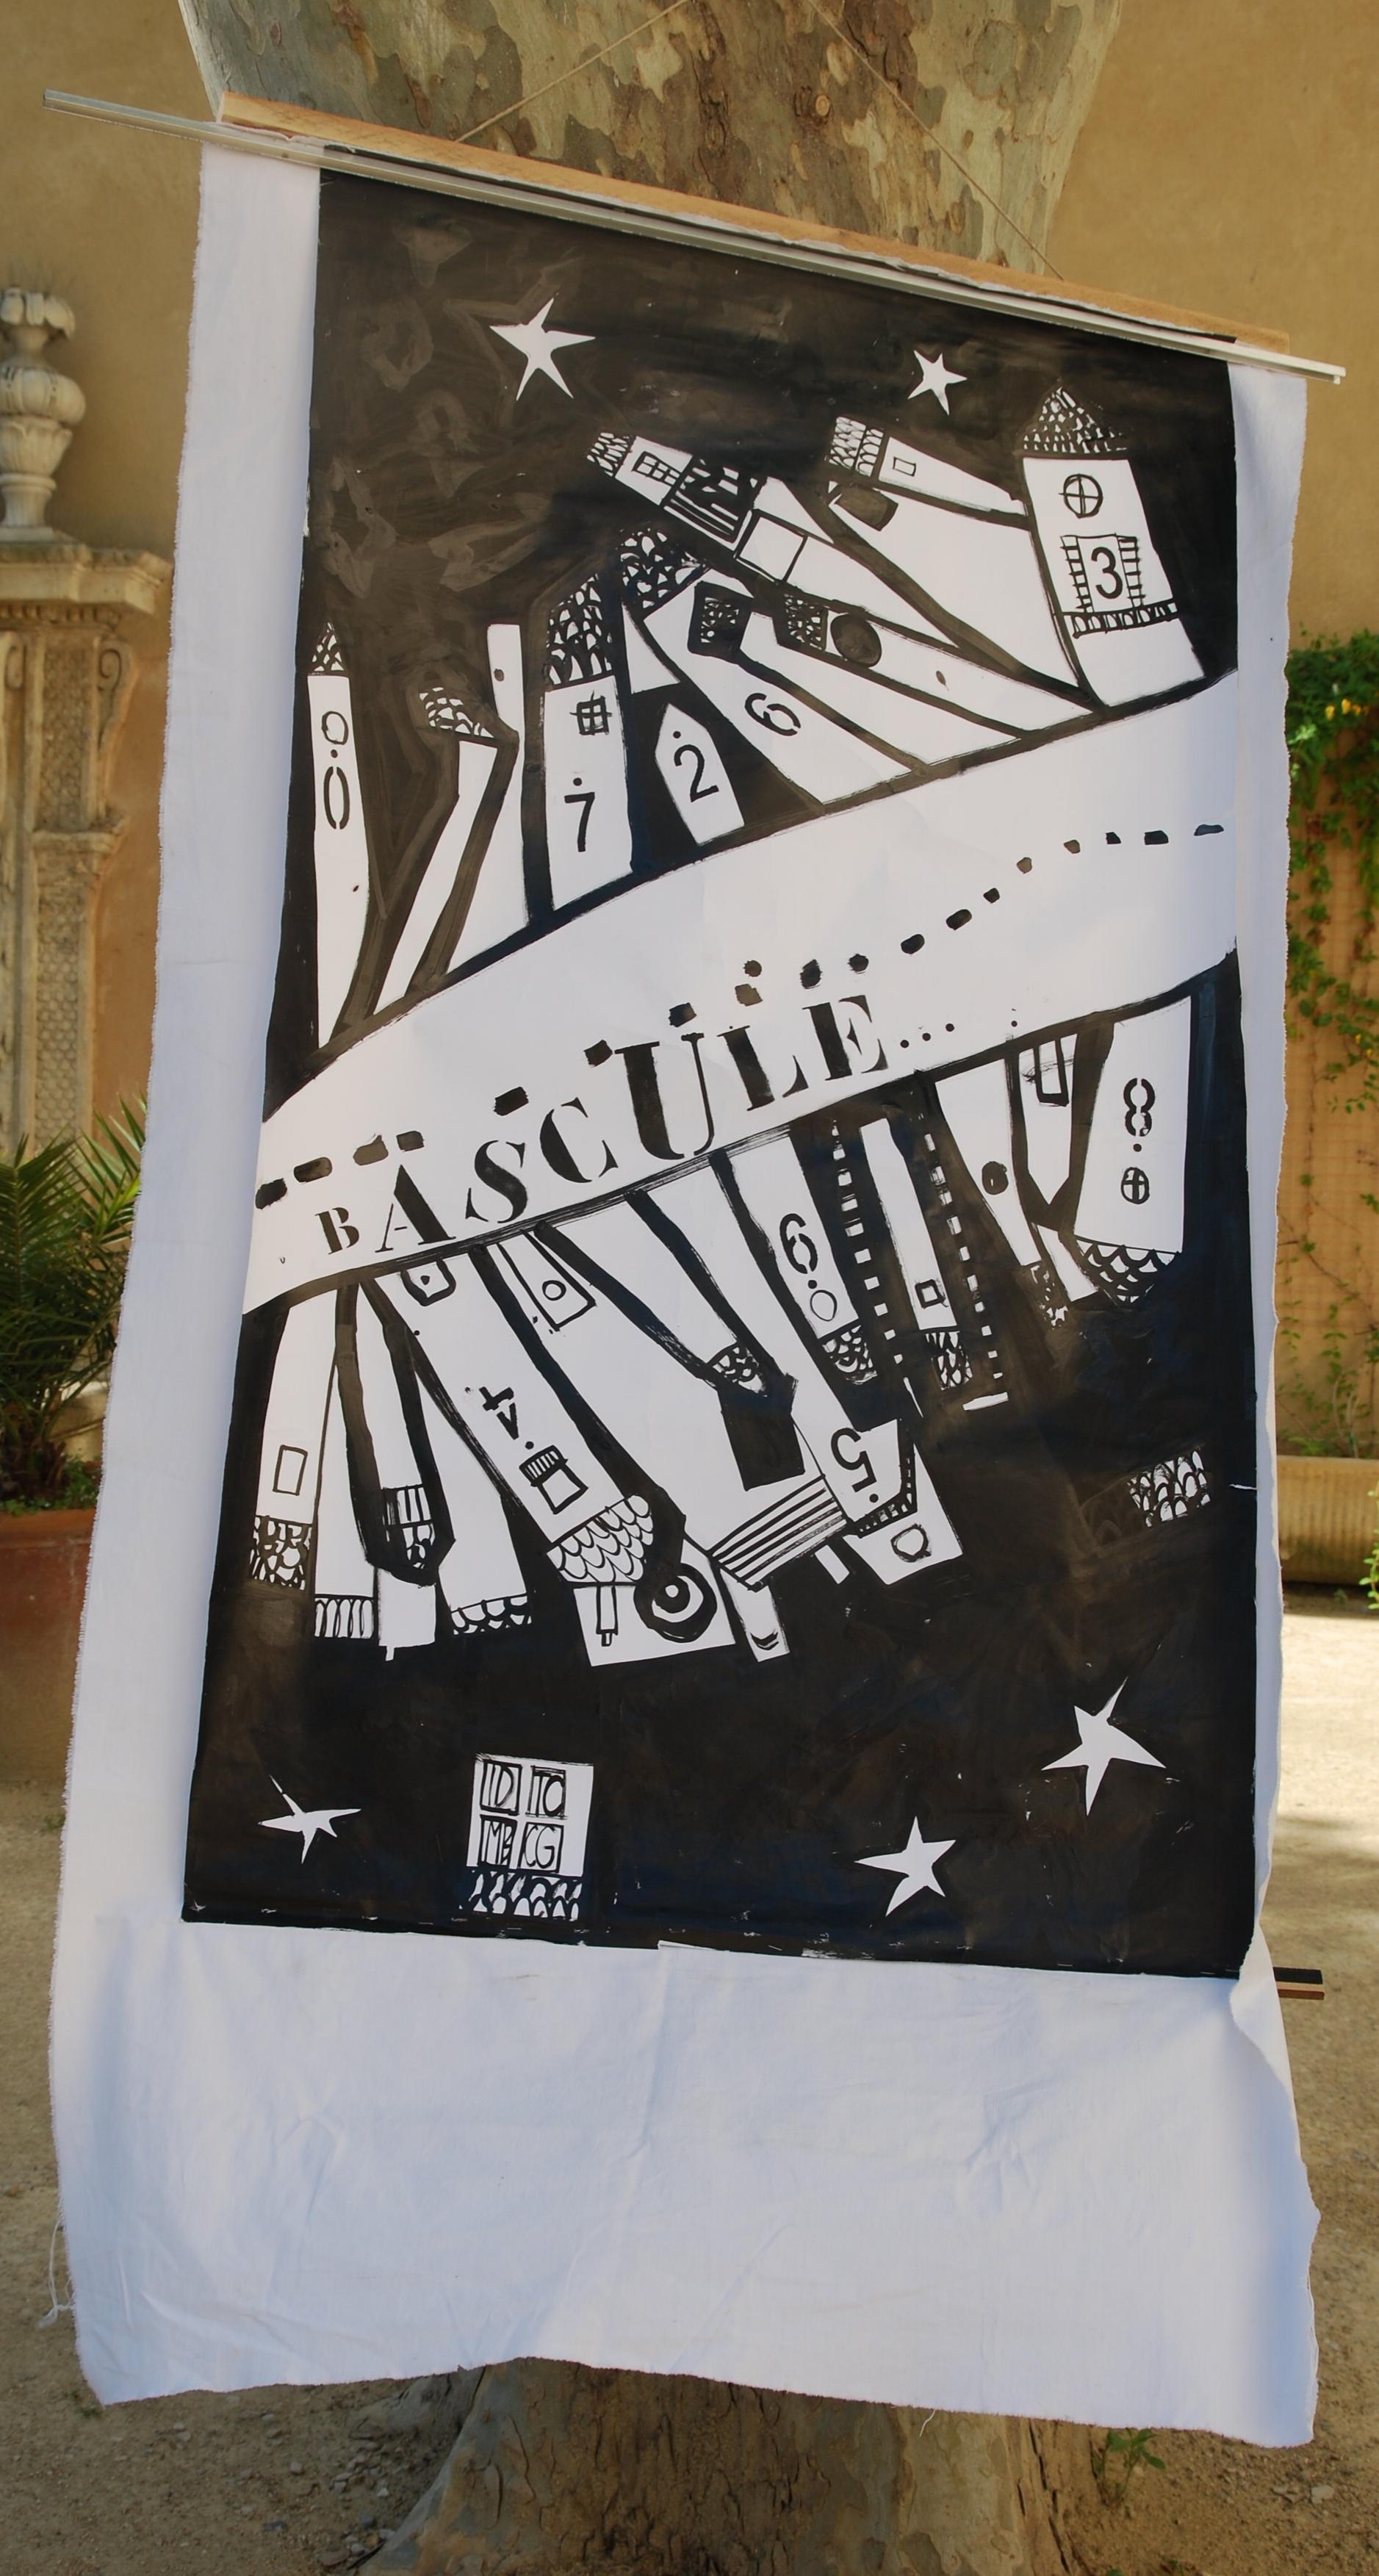 Dans ma ville il y a - Graphisme au calame sur plans et réalisation de grandes affiches